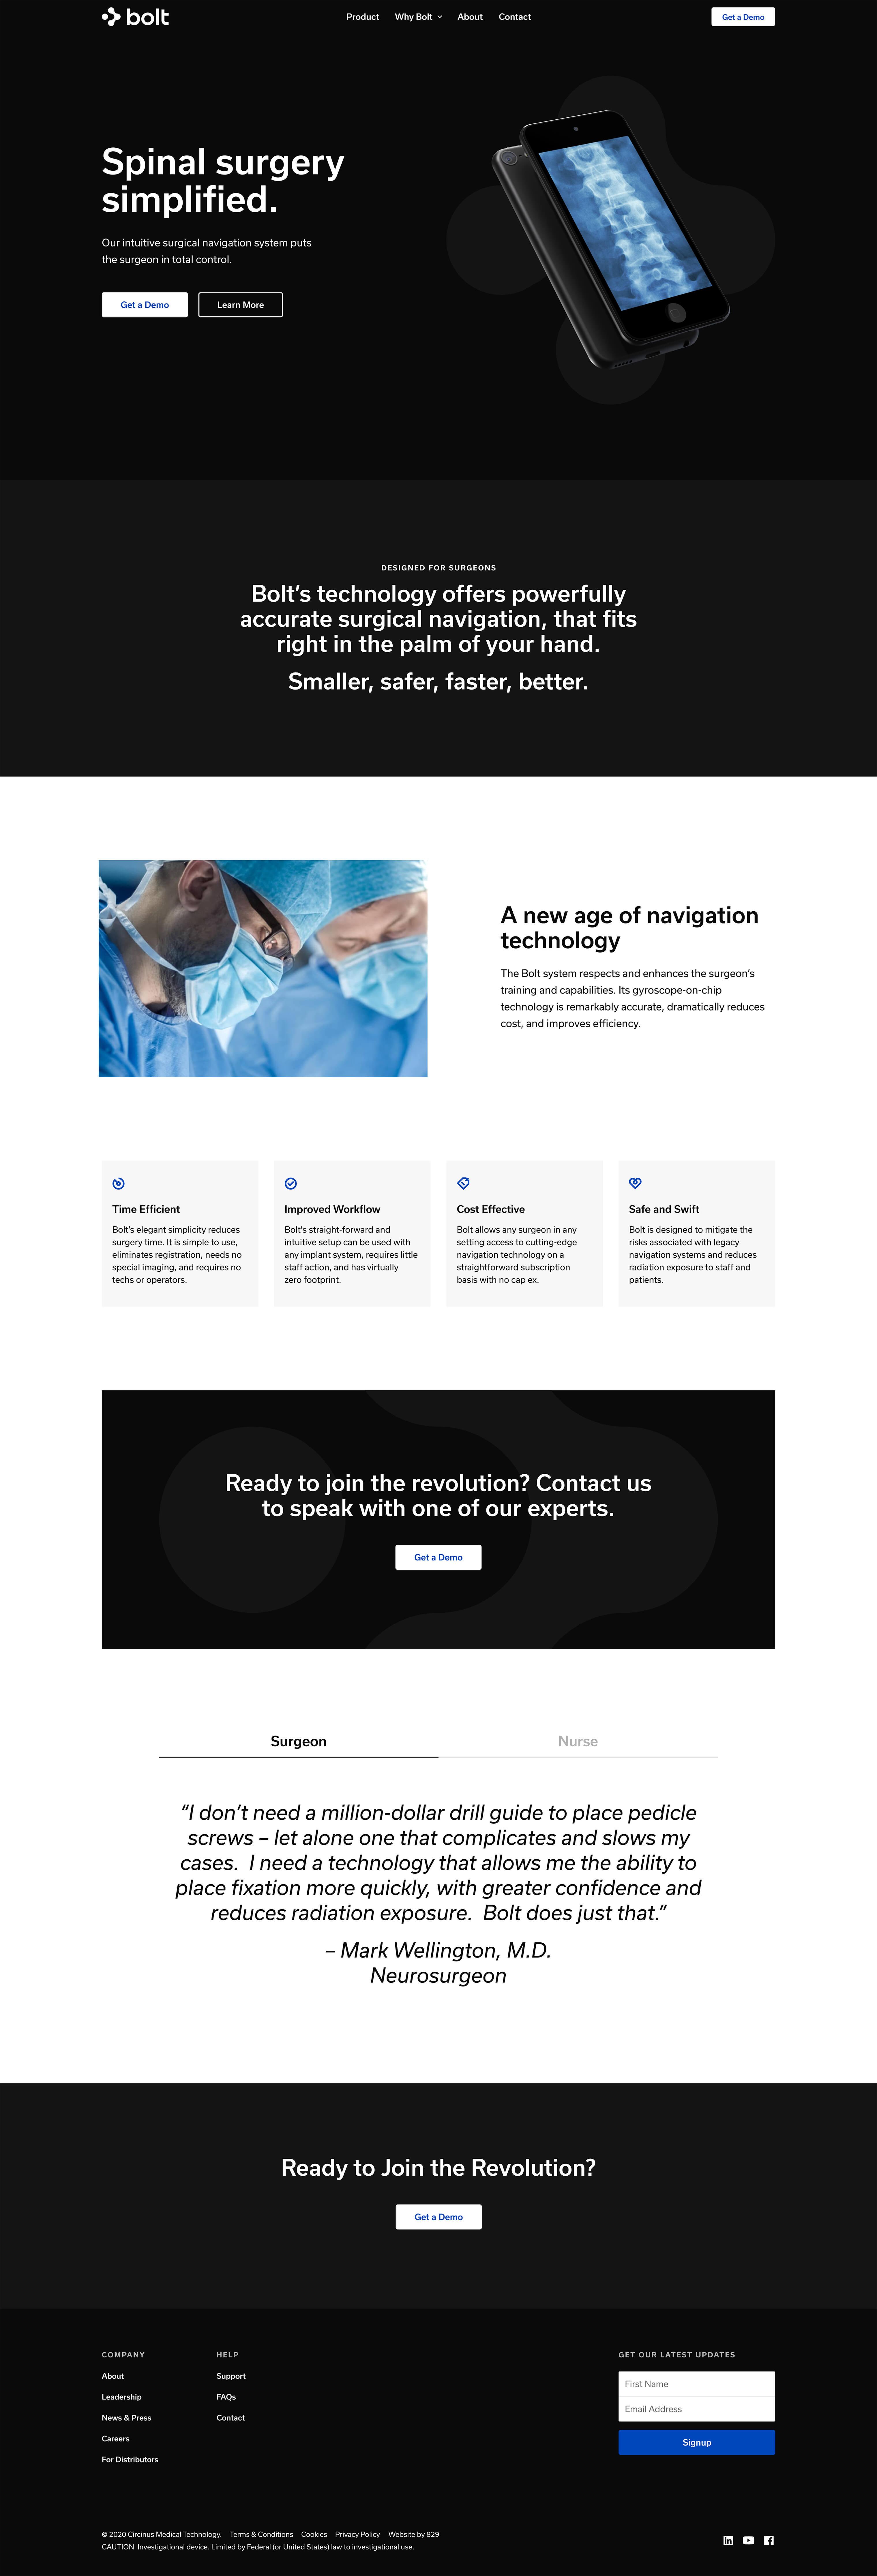 Desktop 'Homepage' for the Bolt website